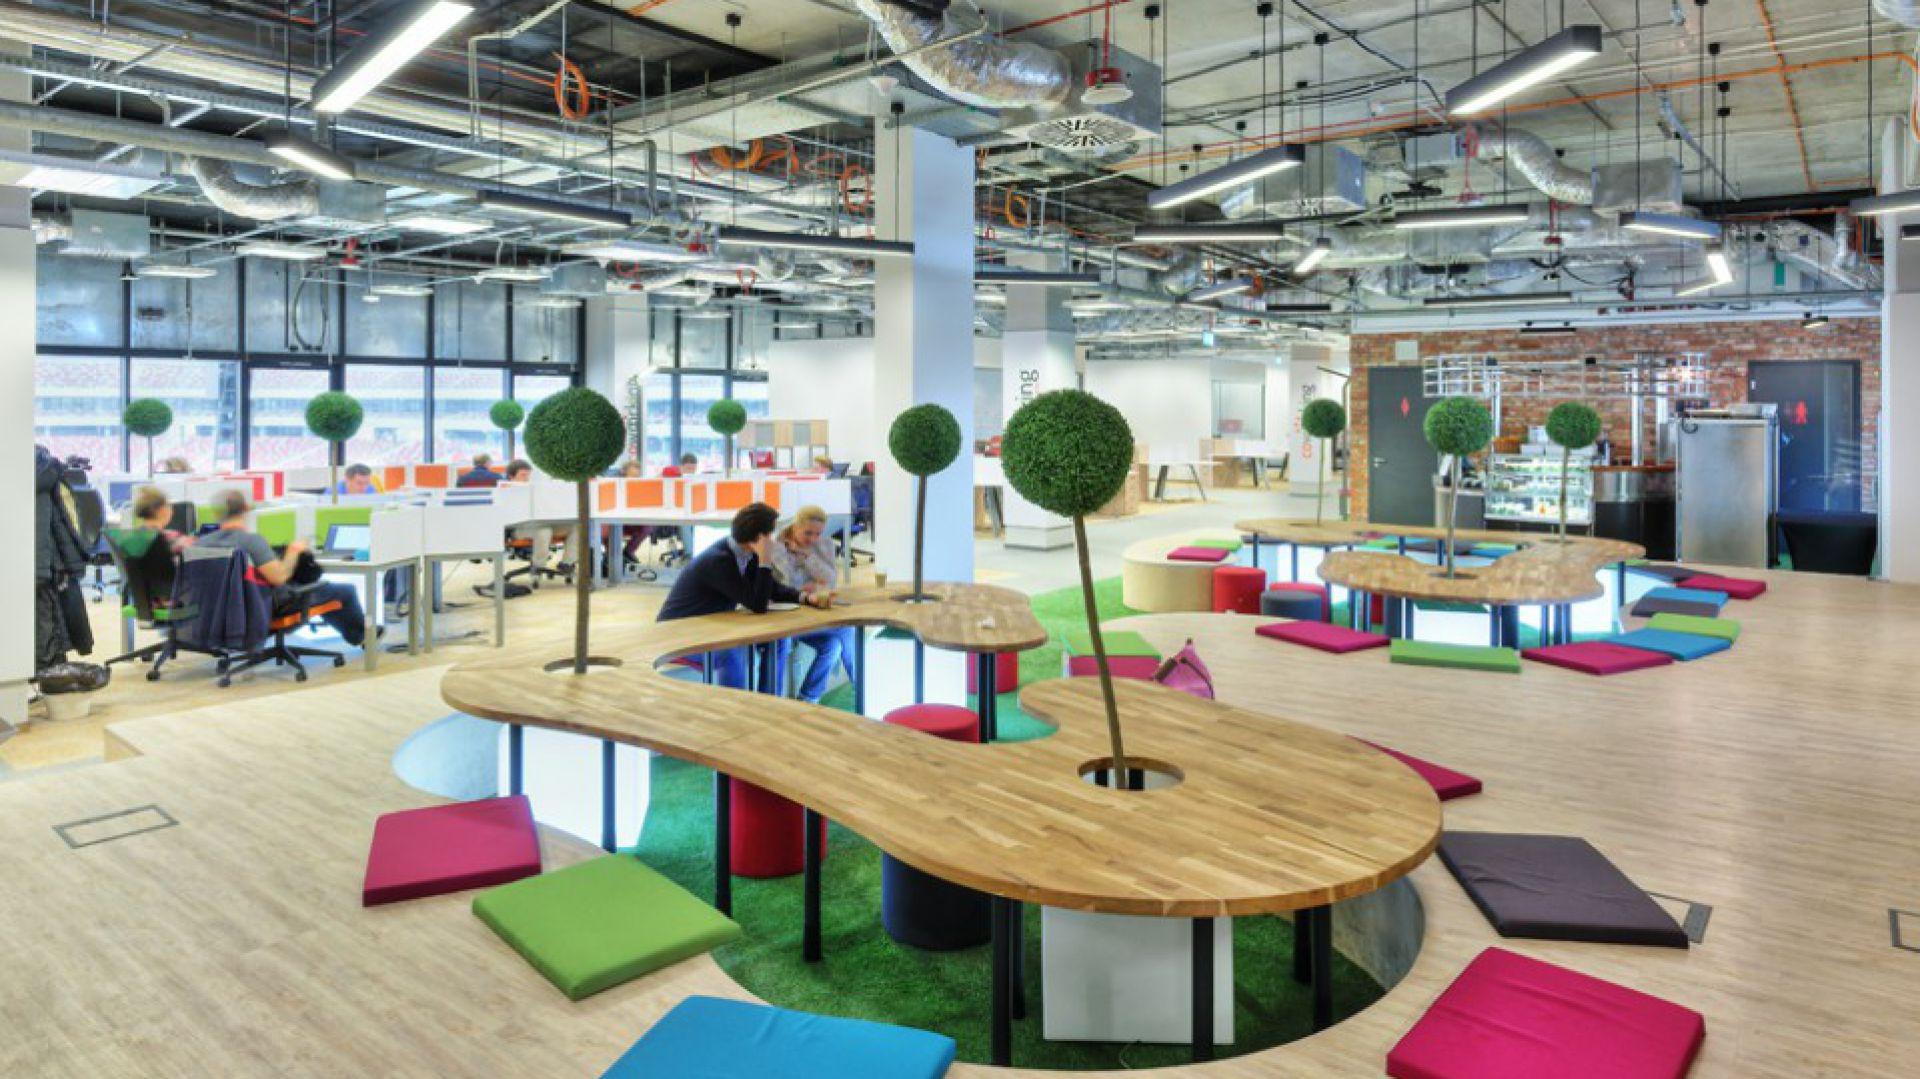 Przestrzeń biurowo-coworkingowa Business Link na Stadionie Narodowym w Warszawie fot. PIK Studio